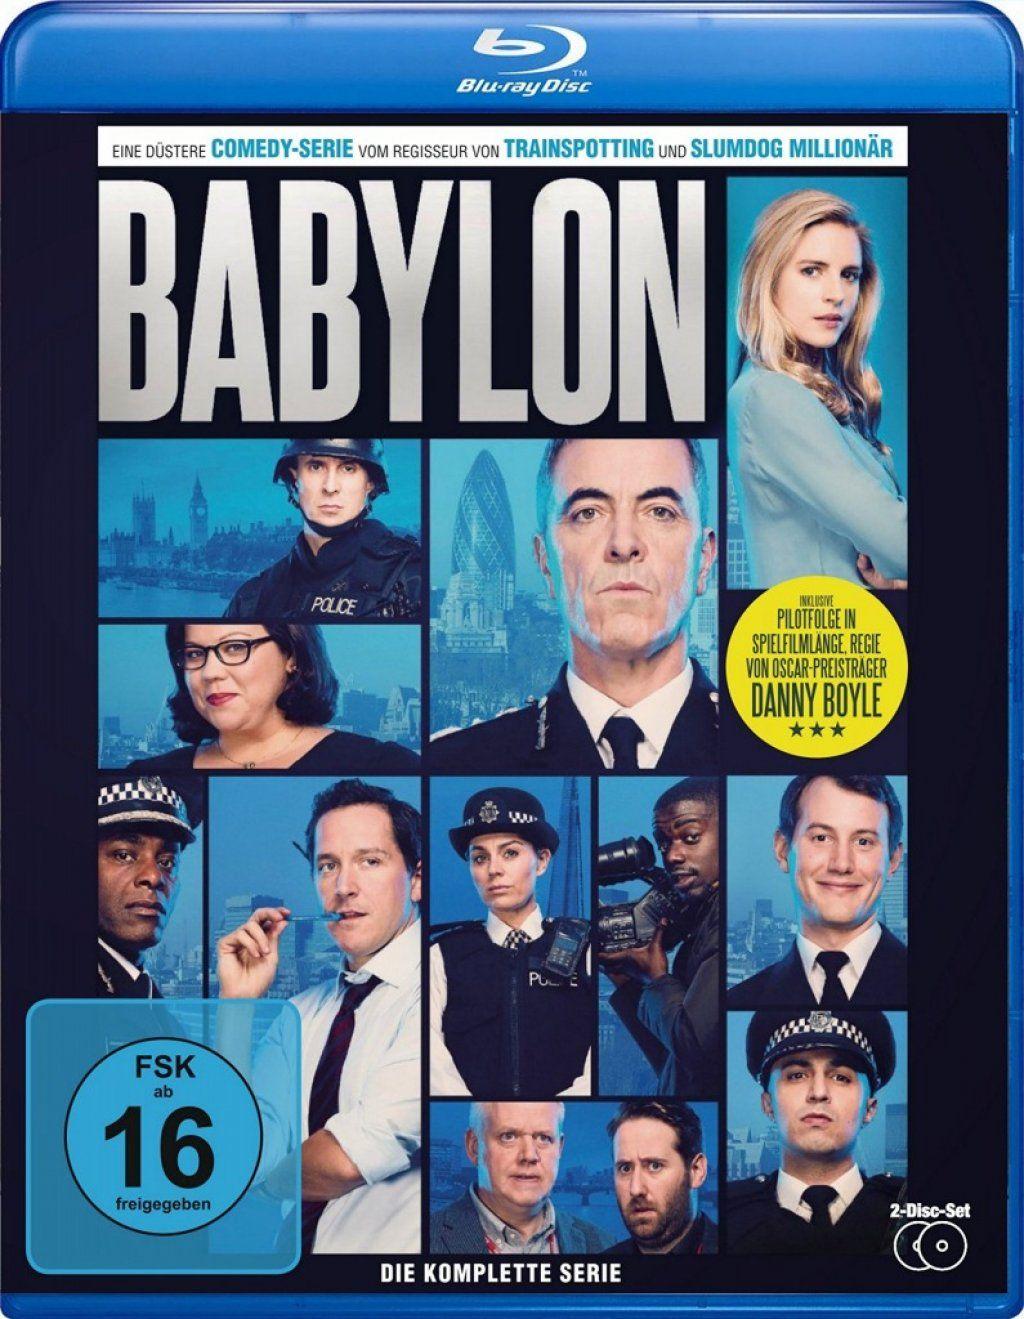 Babylon - Die komplette Serie (2 Discs) (BLURAY)